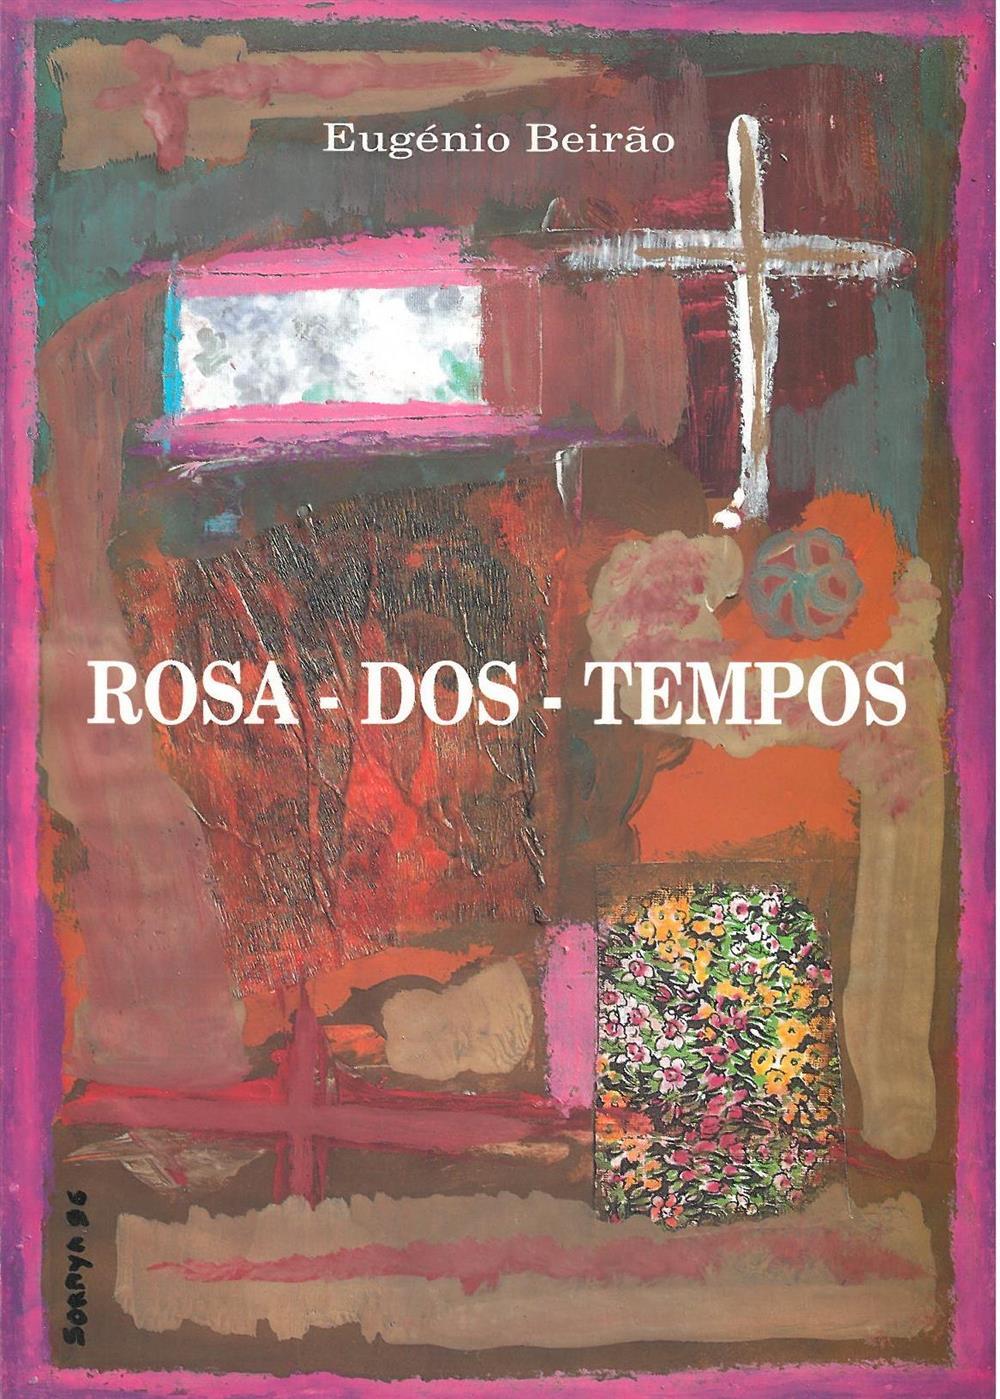 Rosa-dos-tempos.jpg